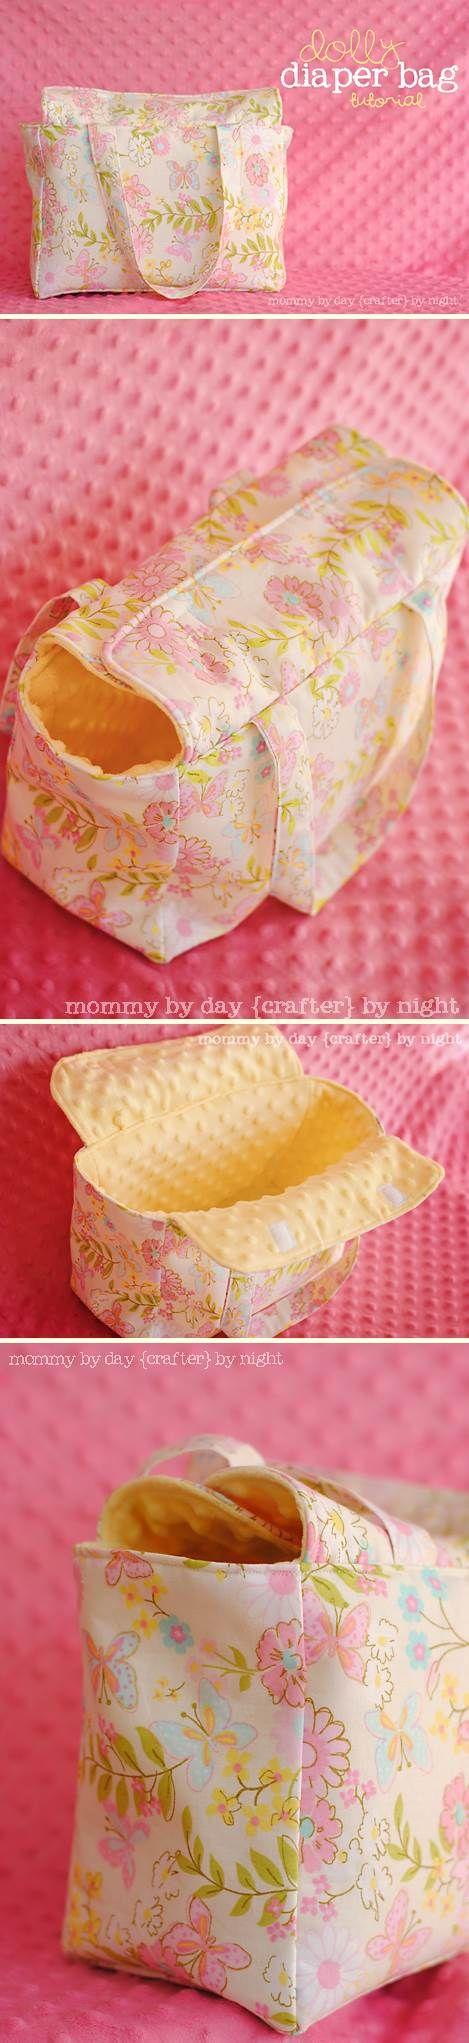 Dolly diaper bag | DIY Stuff